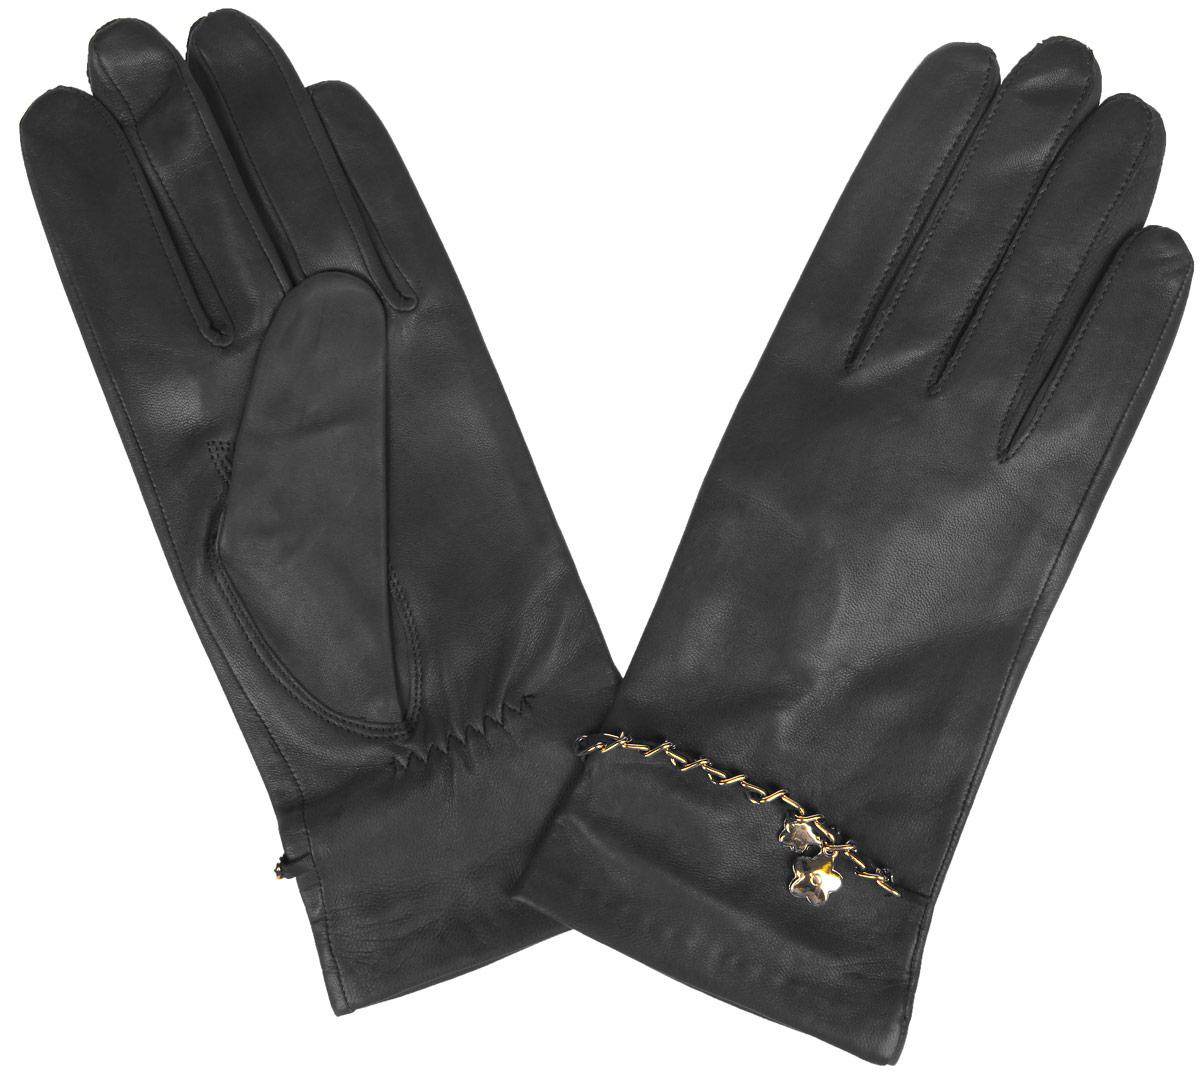 HP294Стильные женские перчатки Eleganzza не только защитят ваши руки от холода, но и станут великолепным украшением. Перчатки выполнены из натуральной кожи ягненка на шелковой подкладке. На тыльной стороне имеется небольшая сборка резинкой для того, чтобы перчатки лучше сидели. Оформлено изделие цепочкой, переплетенной с кожаным ремешком и украшенной подвеской в виде цветочков. В настоящее время перчатки являются неотъемлемой принадлежностью одежды, вместе с этим аксессуаром вы обретаете женственность и элегантность. Перчатки станут завершающим и подчеркивающим элементом вашего стиля и неповторимости.